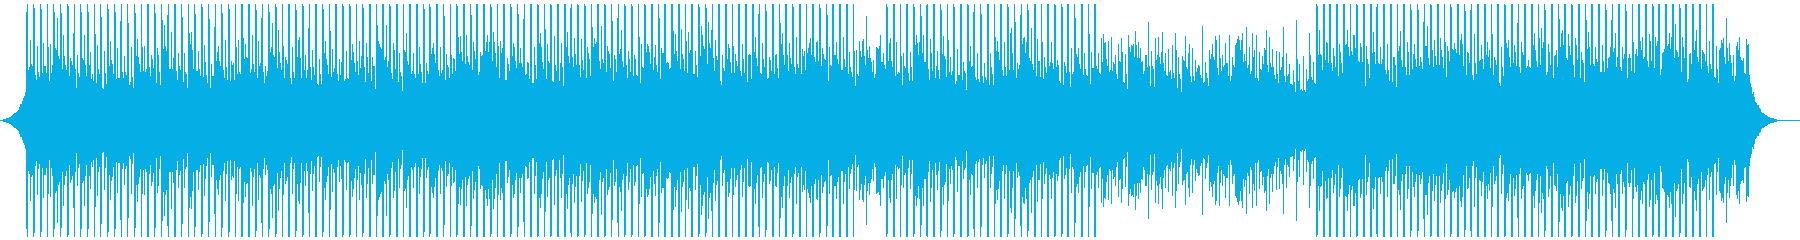 これは情報ですの再生済みの波形